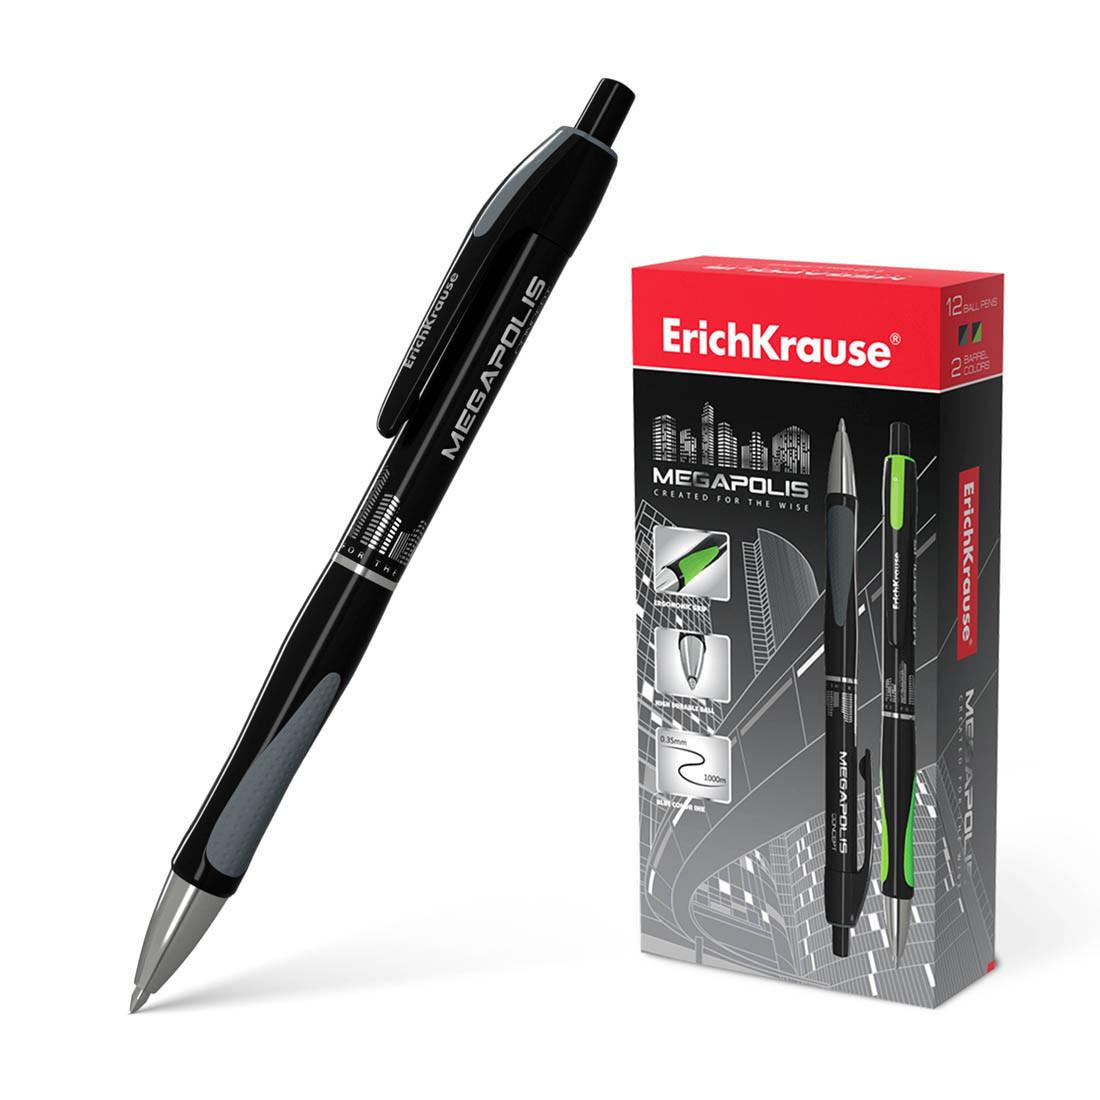 Ручка шариковая автоматическая ErichKrause® 32 MEGAPOLIS® Concept цвет чернил черный (упак./12 шт.)